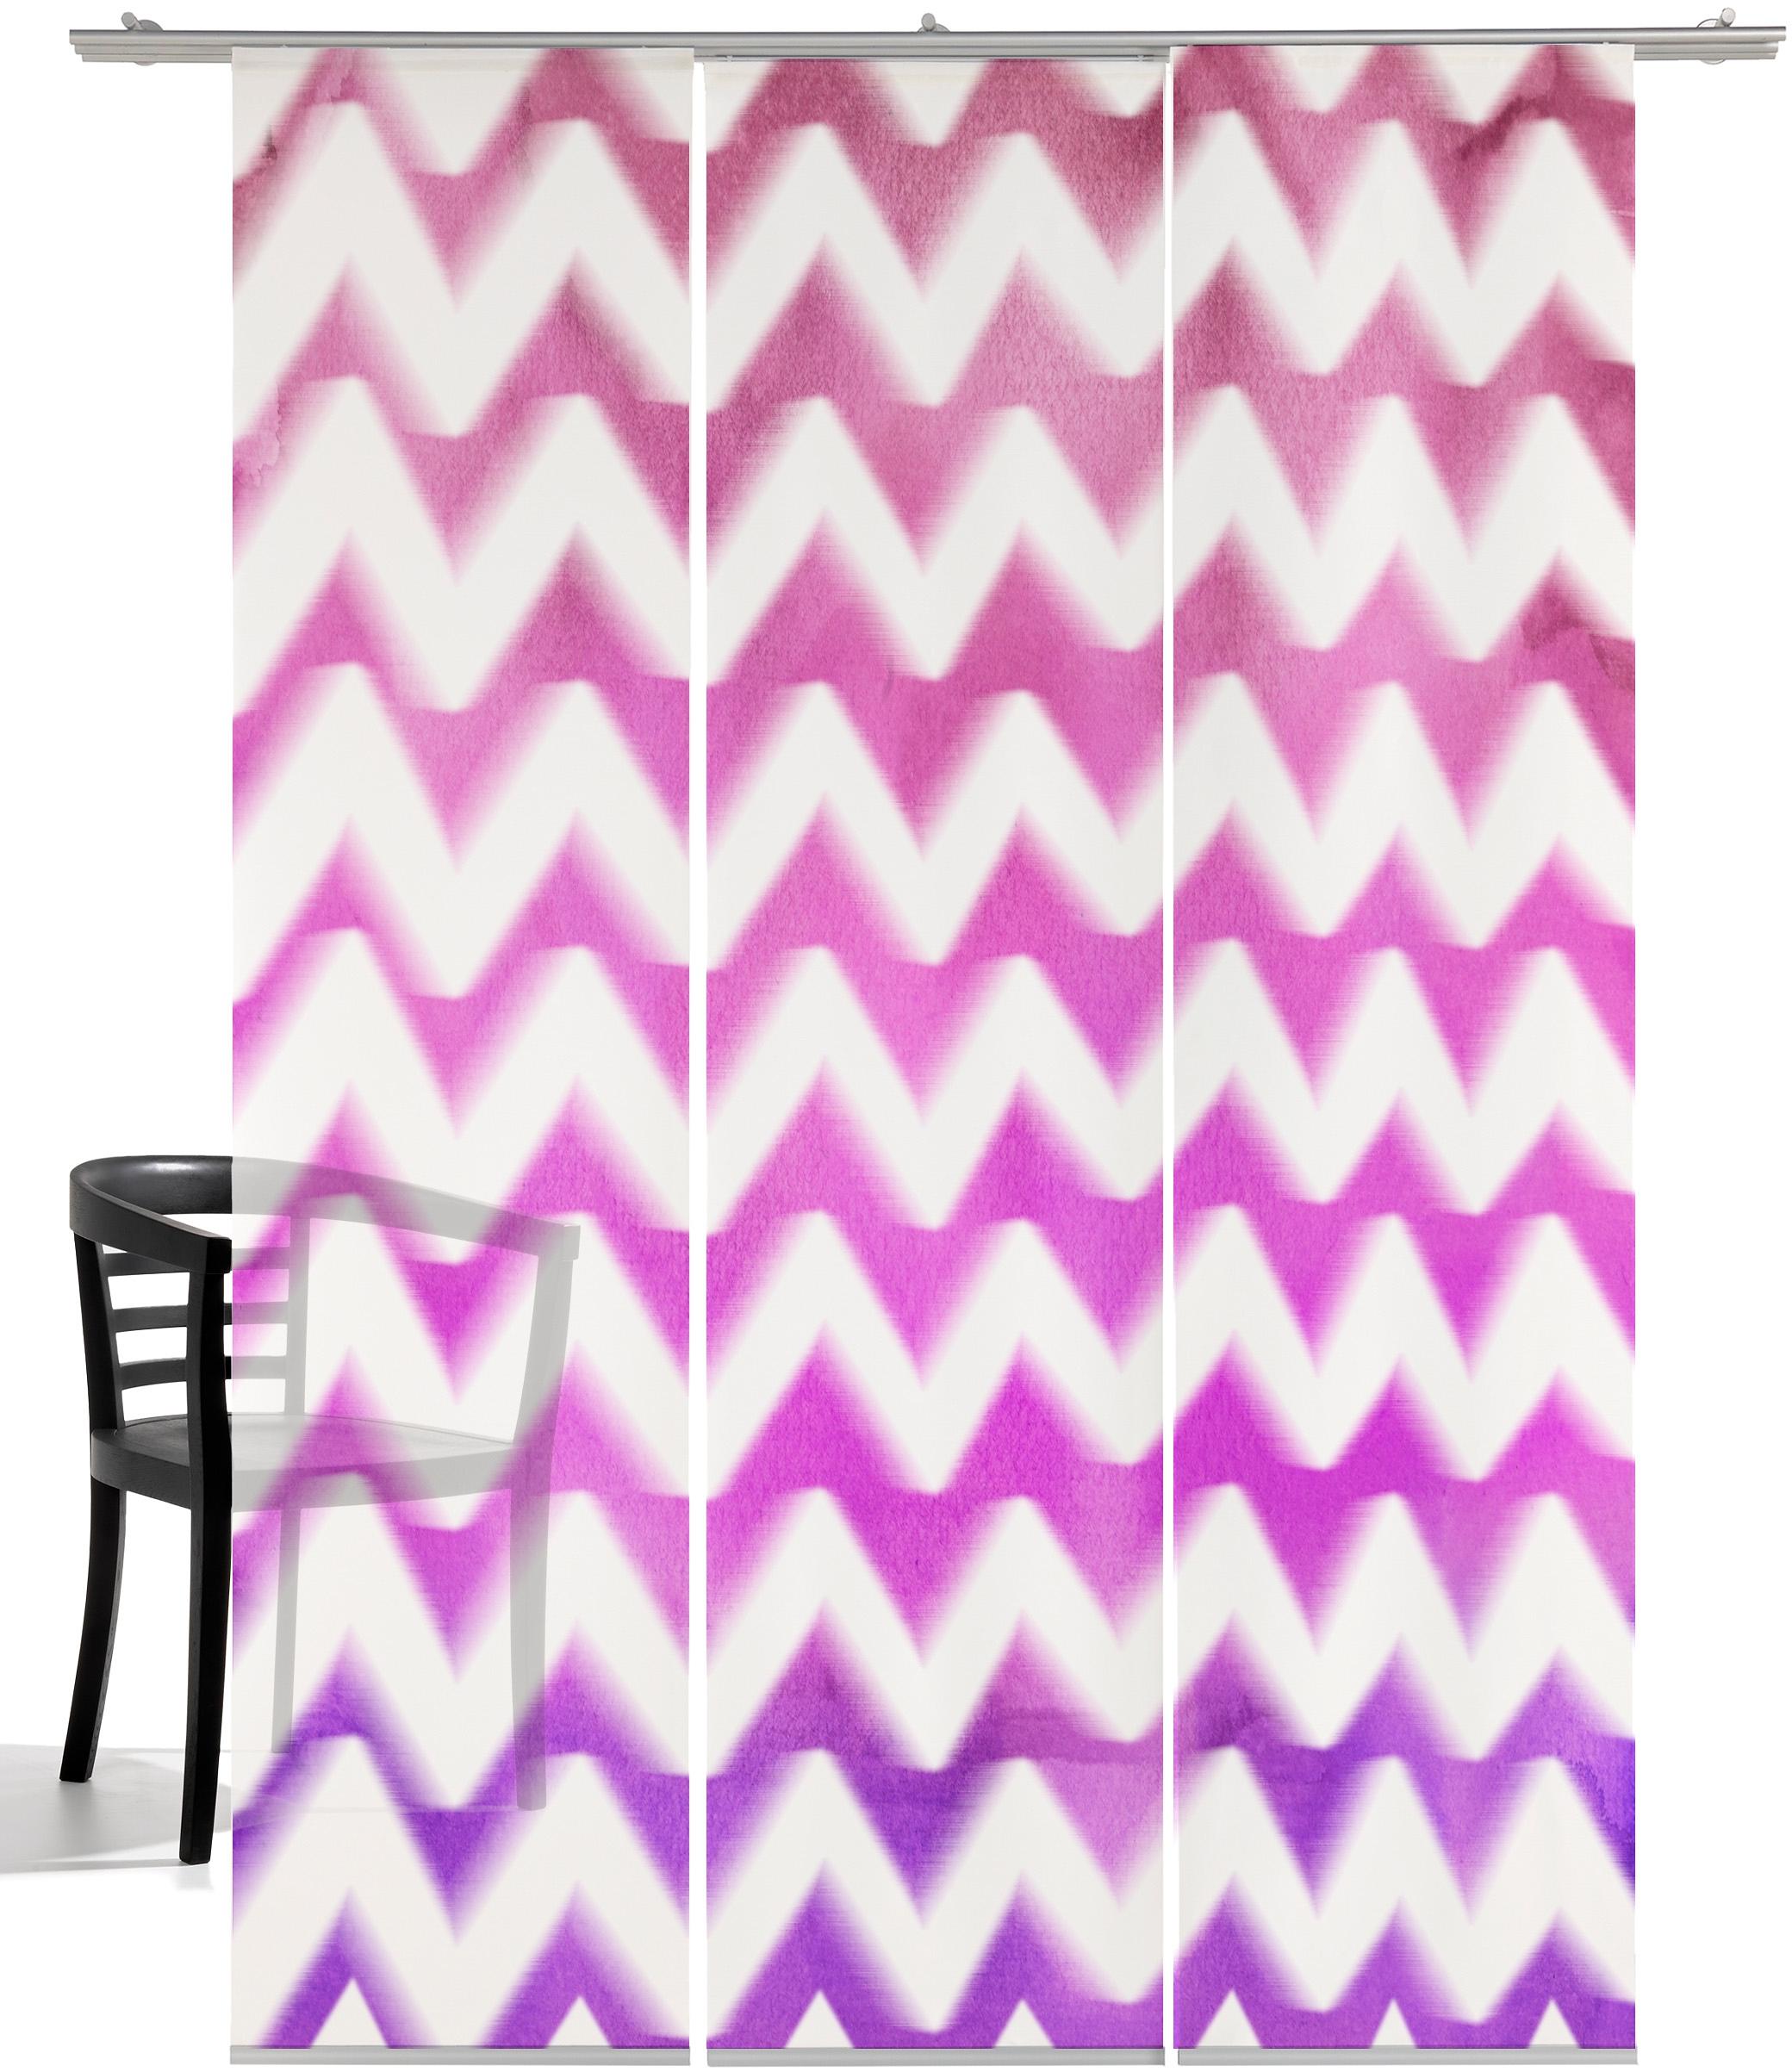 Op zoek naar een emotion textiles Paneelgordijn Zigzag HxB: 260x60, inclusief bevestigingsmateriaal (3 stuks)? Koop online bij OTTO